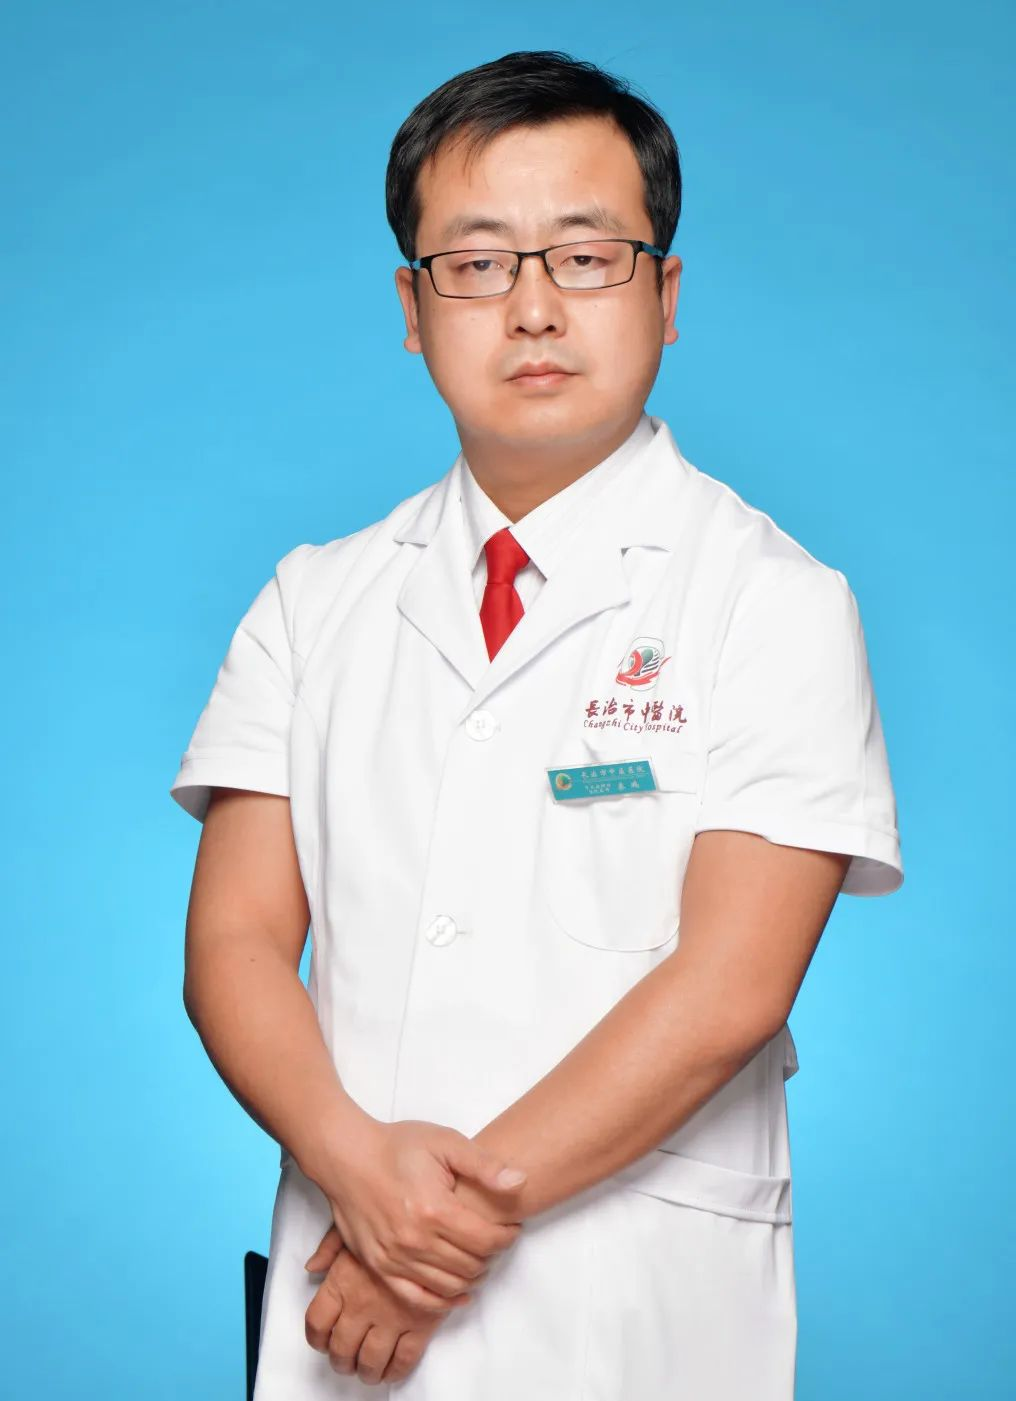 长治市中医医院秦鹏:心系患者 诠释医者仁心